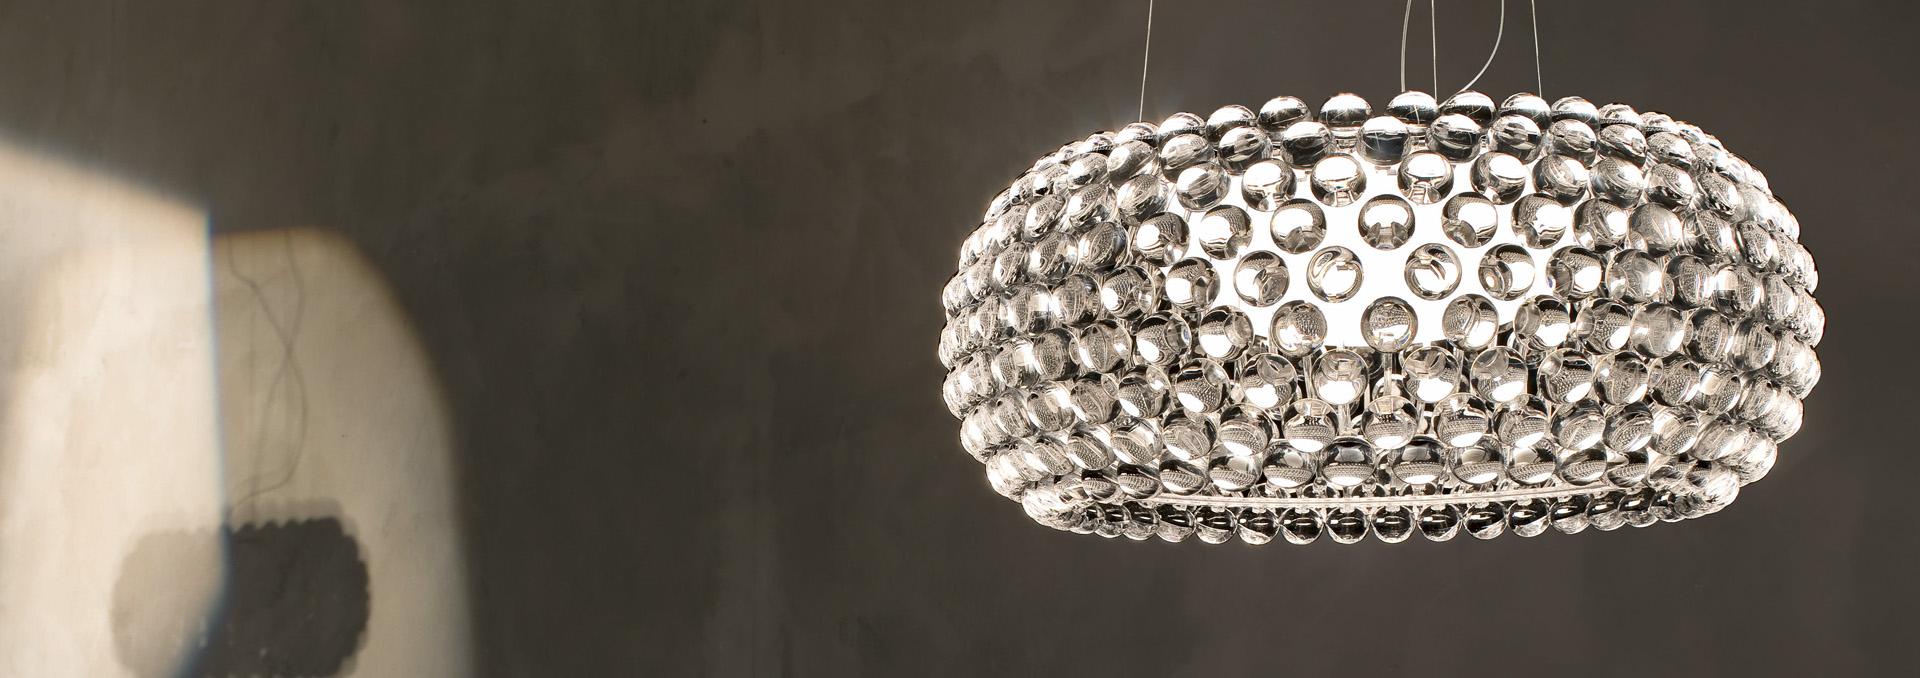 Lörler | Licht, Leuchten, Lampen | Mainz Good Ideas